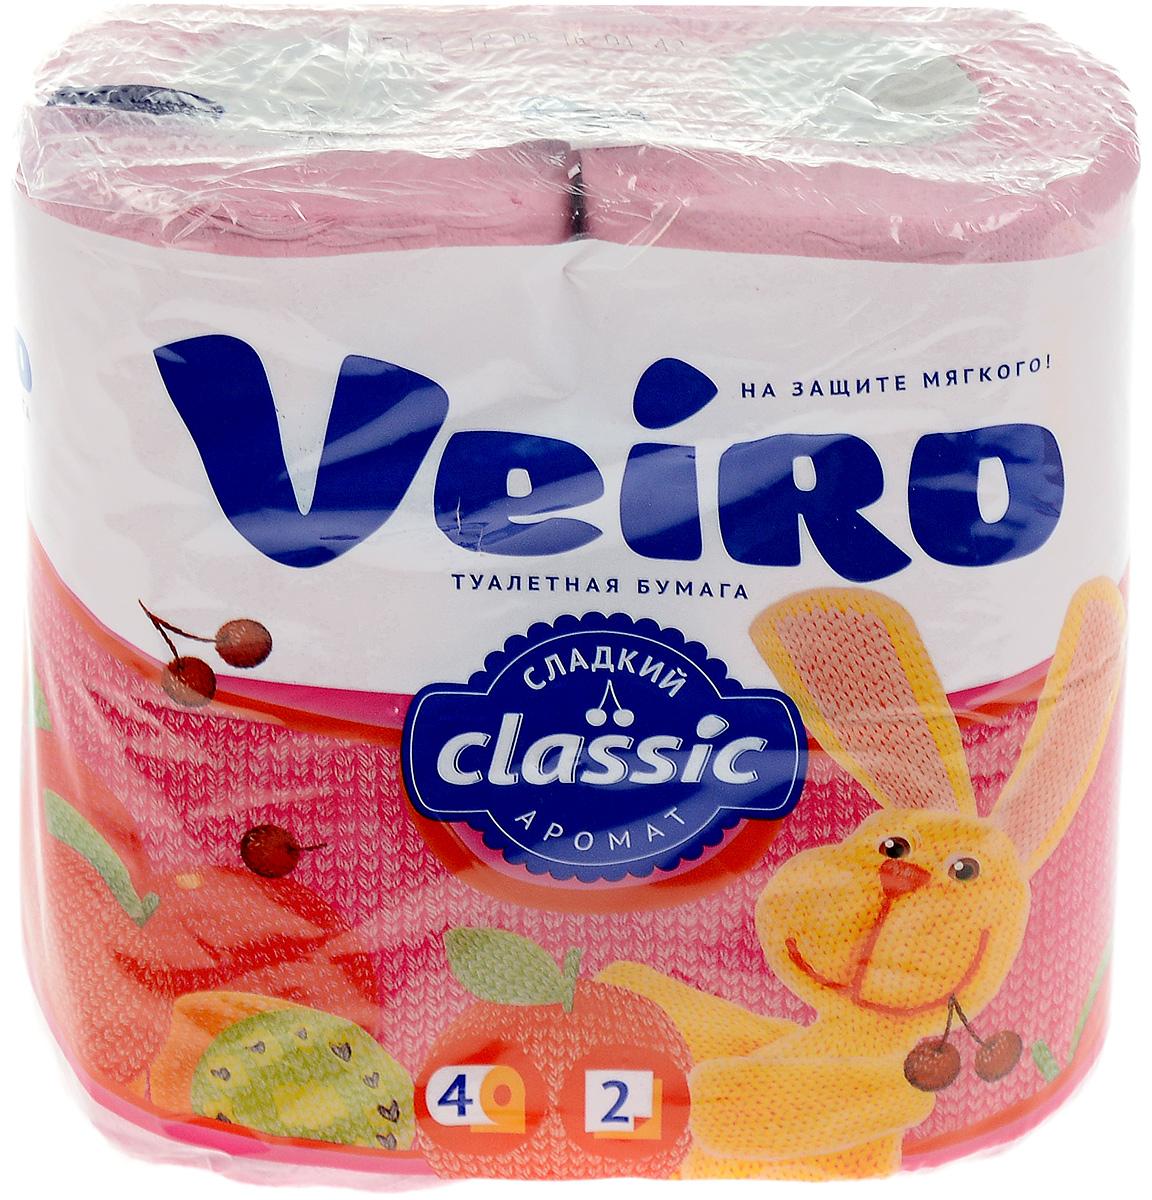 Бумага туалетная Veiro Classic, двухслойная, цвет: розовый, 4 рулона5C24р_розовыйТуалетная бумага Veiro Classic, выполненная из натуральной целлюлозы, обеспечивает превосходный комфорт и ощущение чистоты и свежести. Необыкновенно мягкая, но в тоже время прочная, бумага не расслаивается и отрывается строго по линии перфорации, не вызывает аллергии и раздражения. Двухслойные листы имеют рисунок с перфорацией.Количество слоев: 2. Количество листов: 140 шт. Размер листа: 12,5 х 9,5 см. Длина намотки: 17,5 м. Состав: 100% целлюлоза.